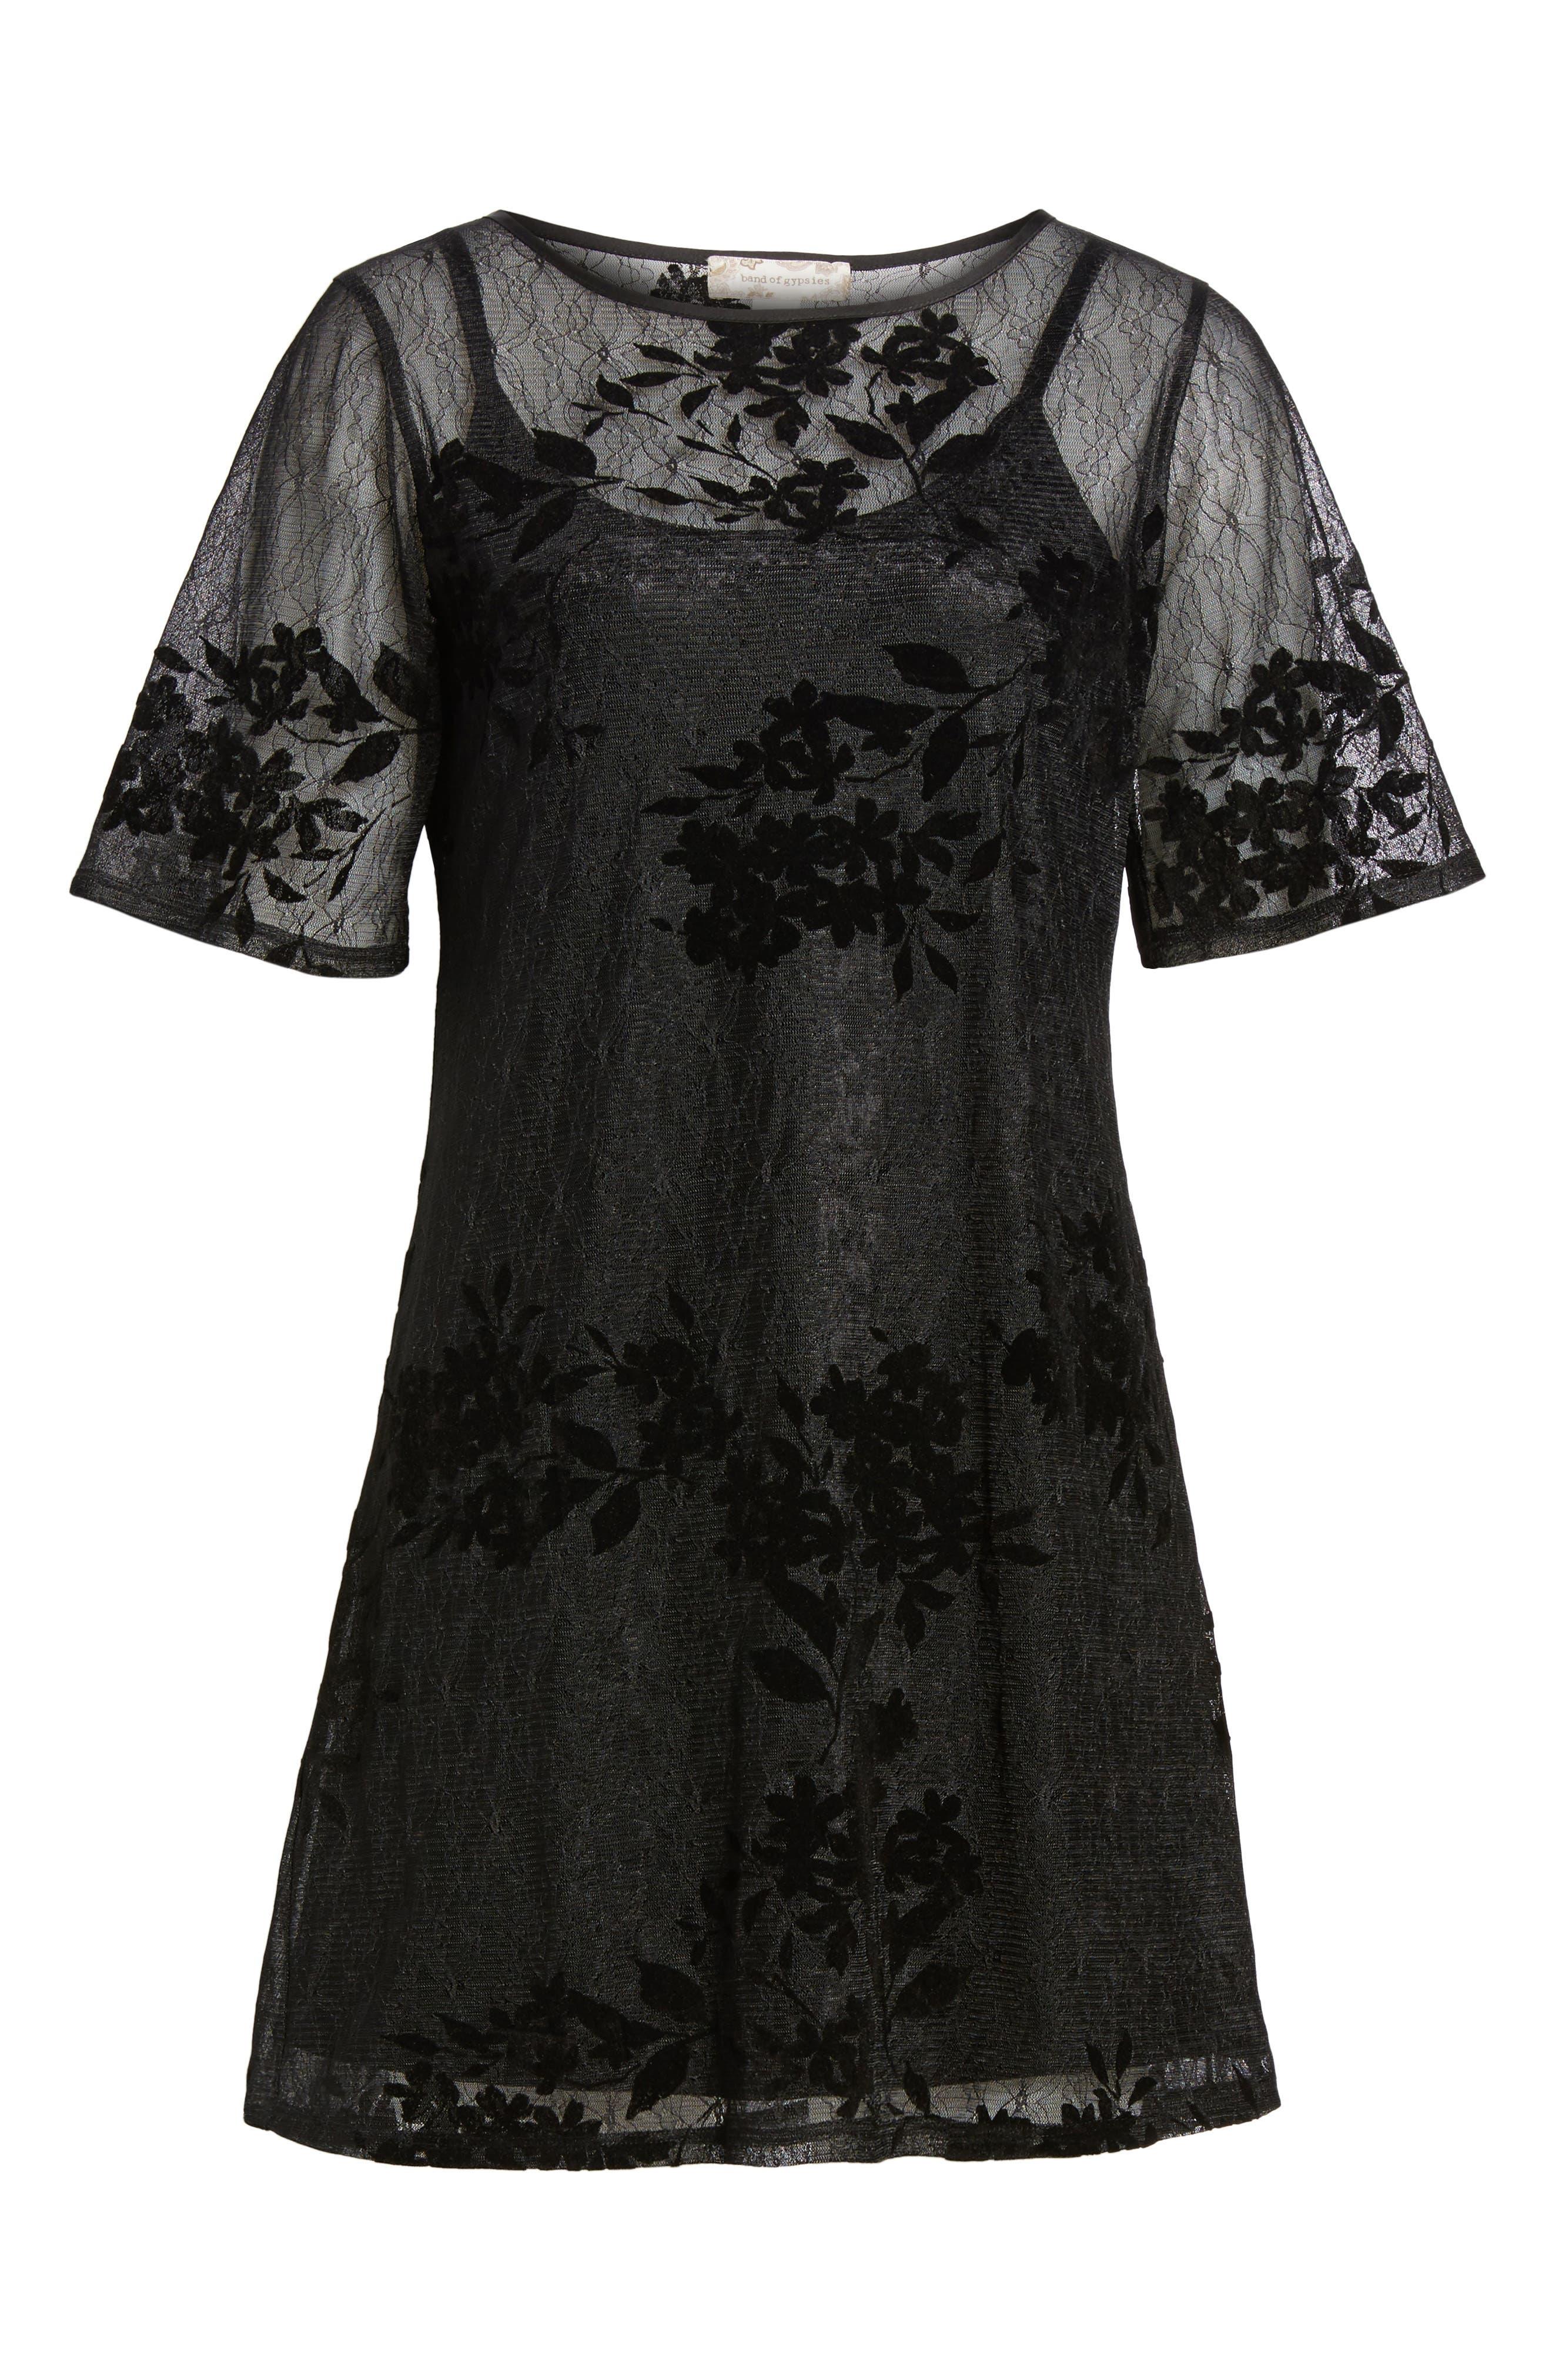 Flocked Lace A-Line Dress,                             Alternate thumbnail 6, color,                             Black Lace